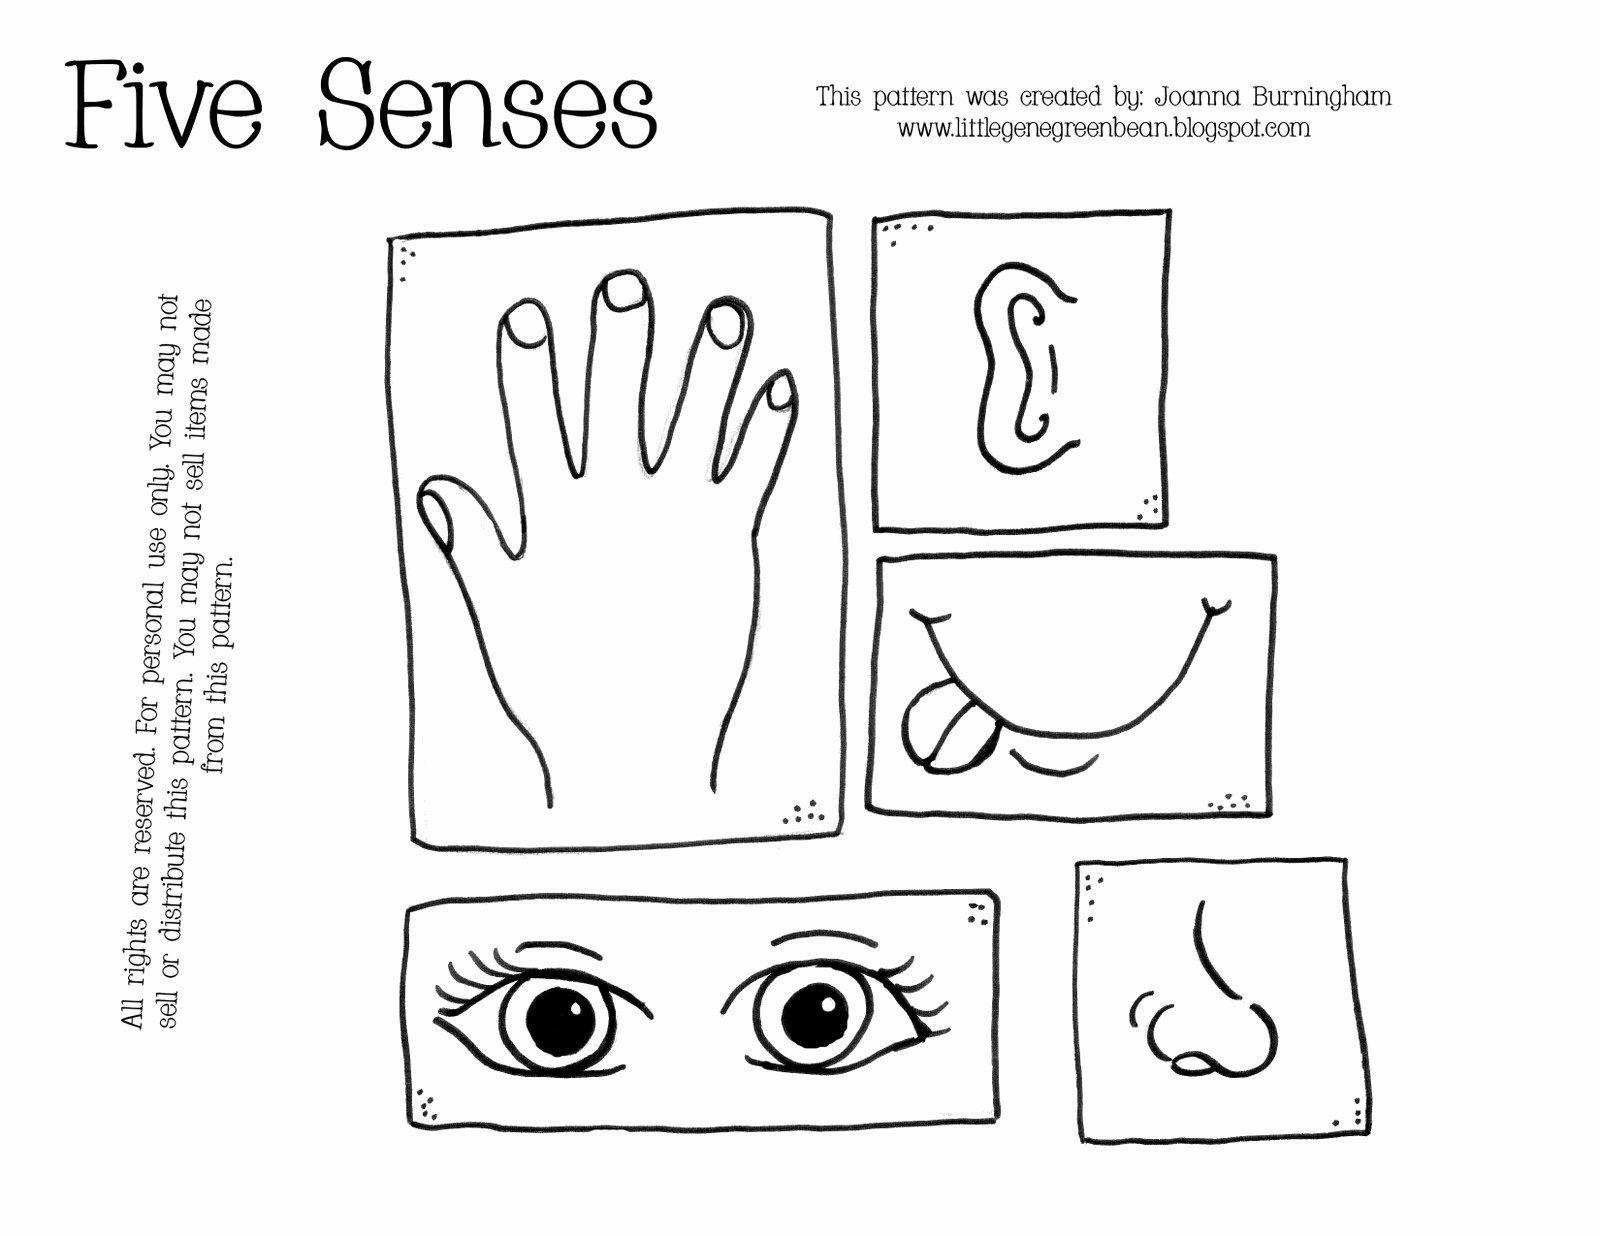 5 Senses Coloring Pages New Little Gene Green Bean All About Me Unit 2 Senses Preschool Five Senses Preschool My Five Senses